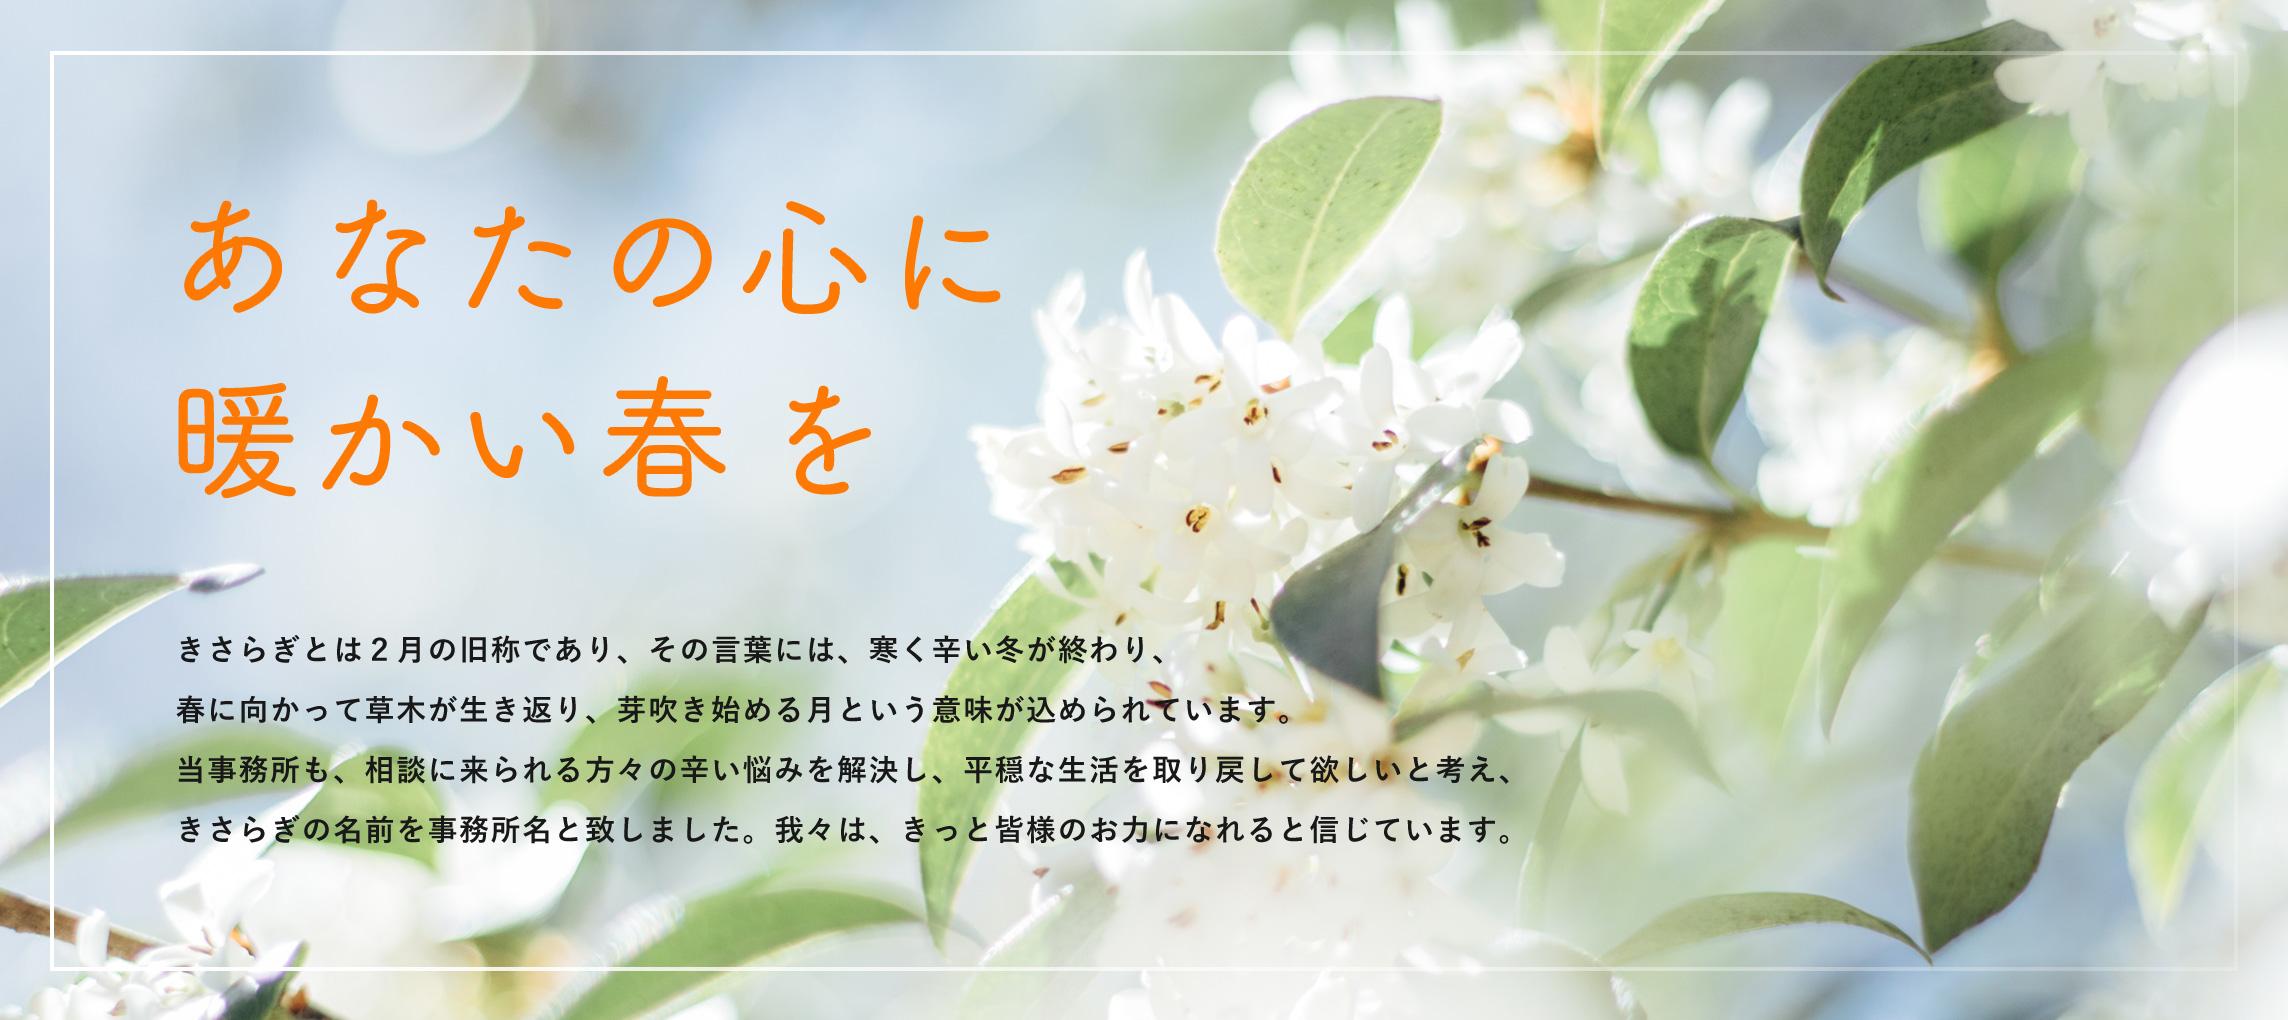 あなたの心に暖かい春を